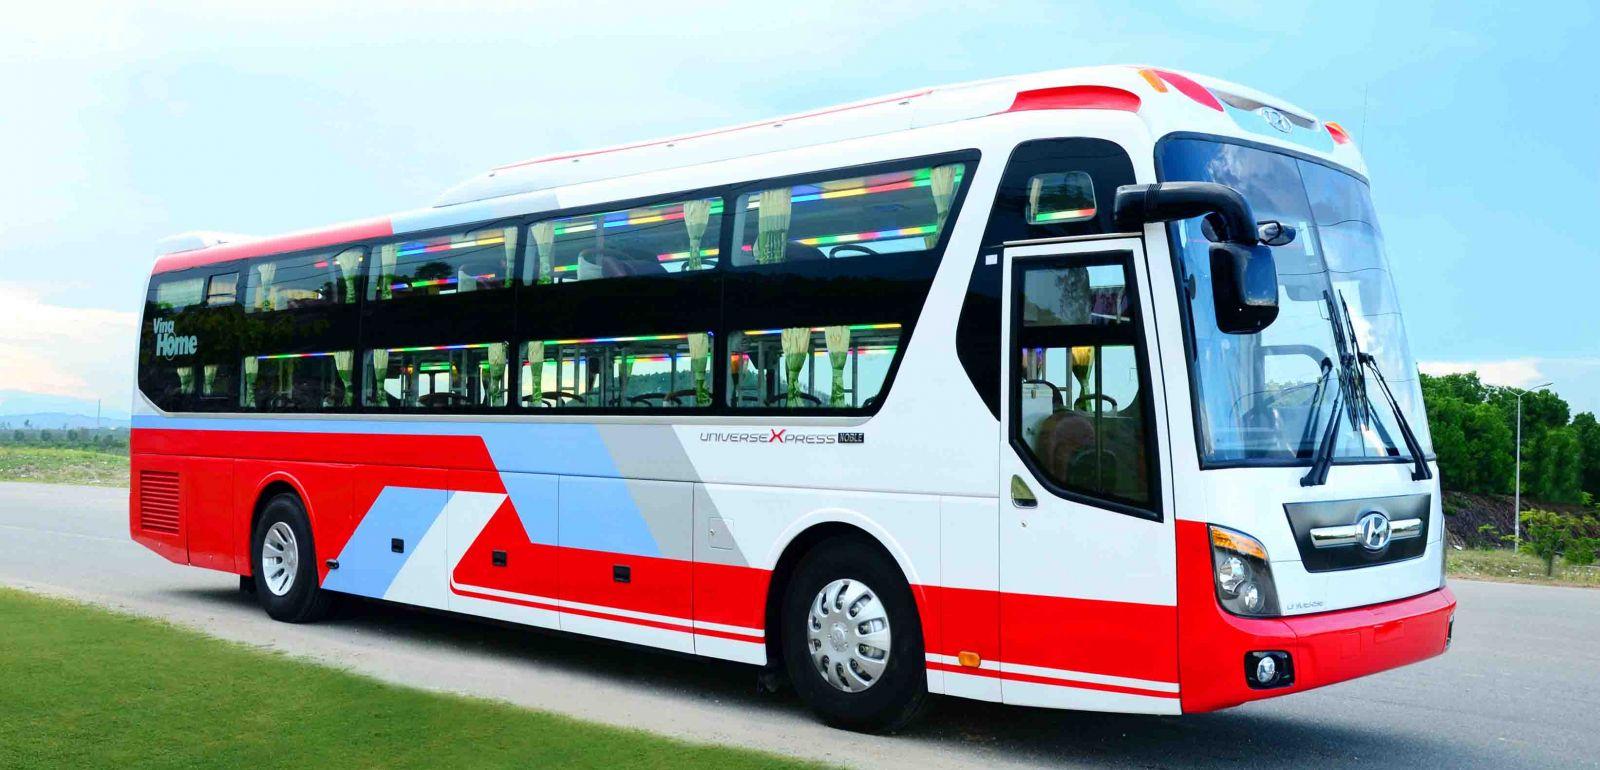 Lịch trình các tuyến xe khách đi Quảng Ninh từ bến xe Gia Lâm mùa tết nguyên đán